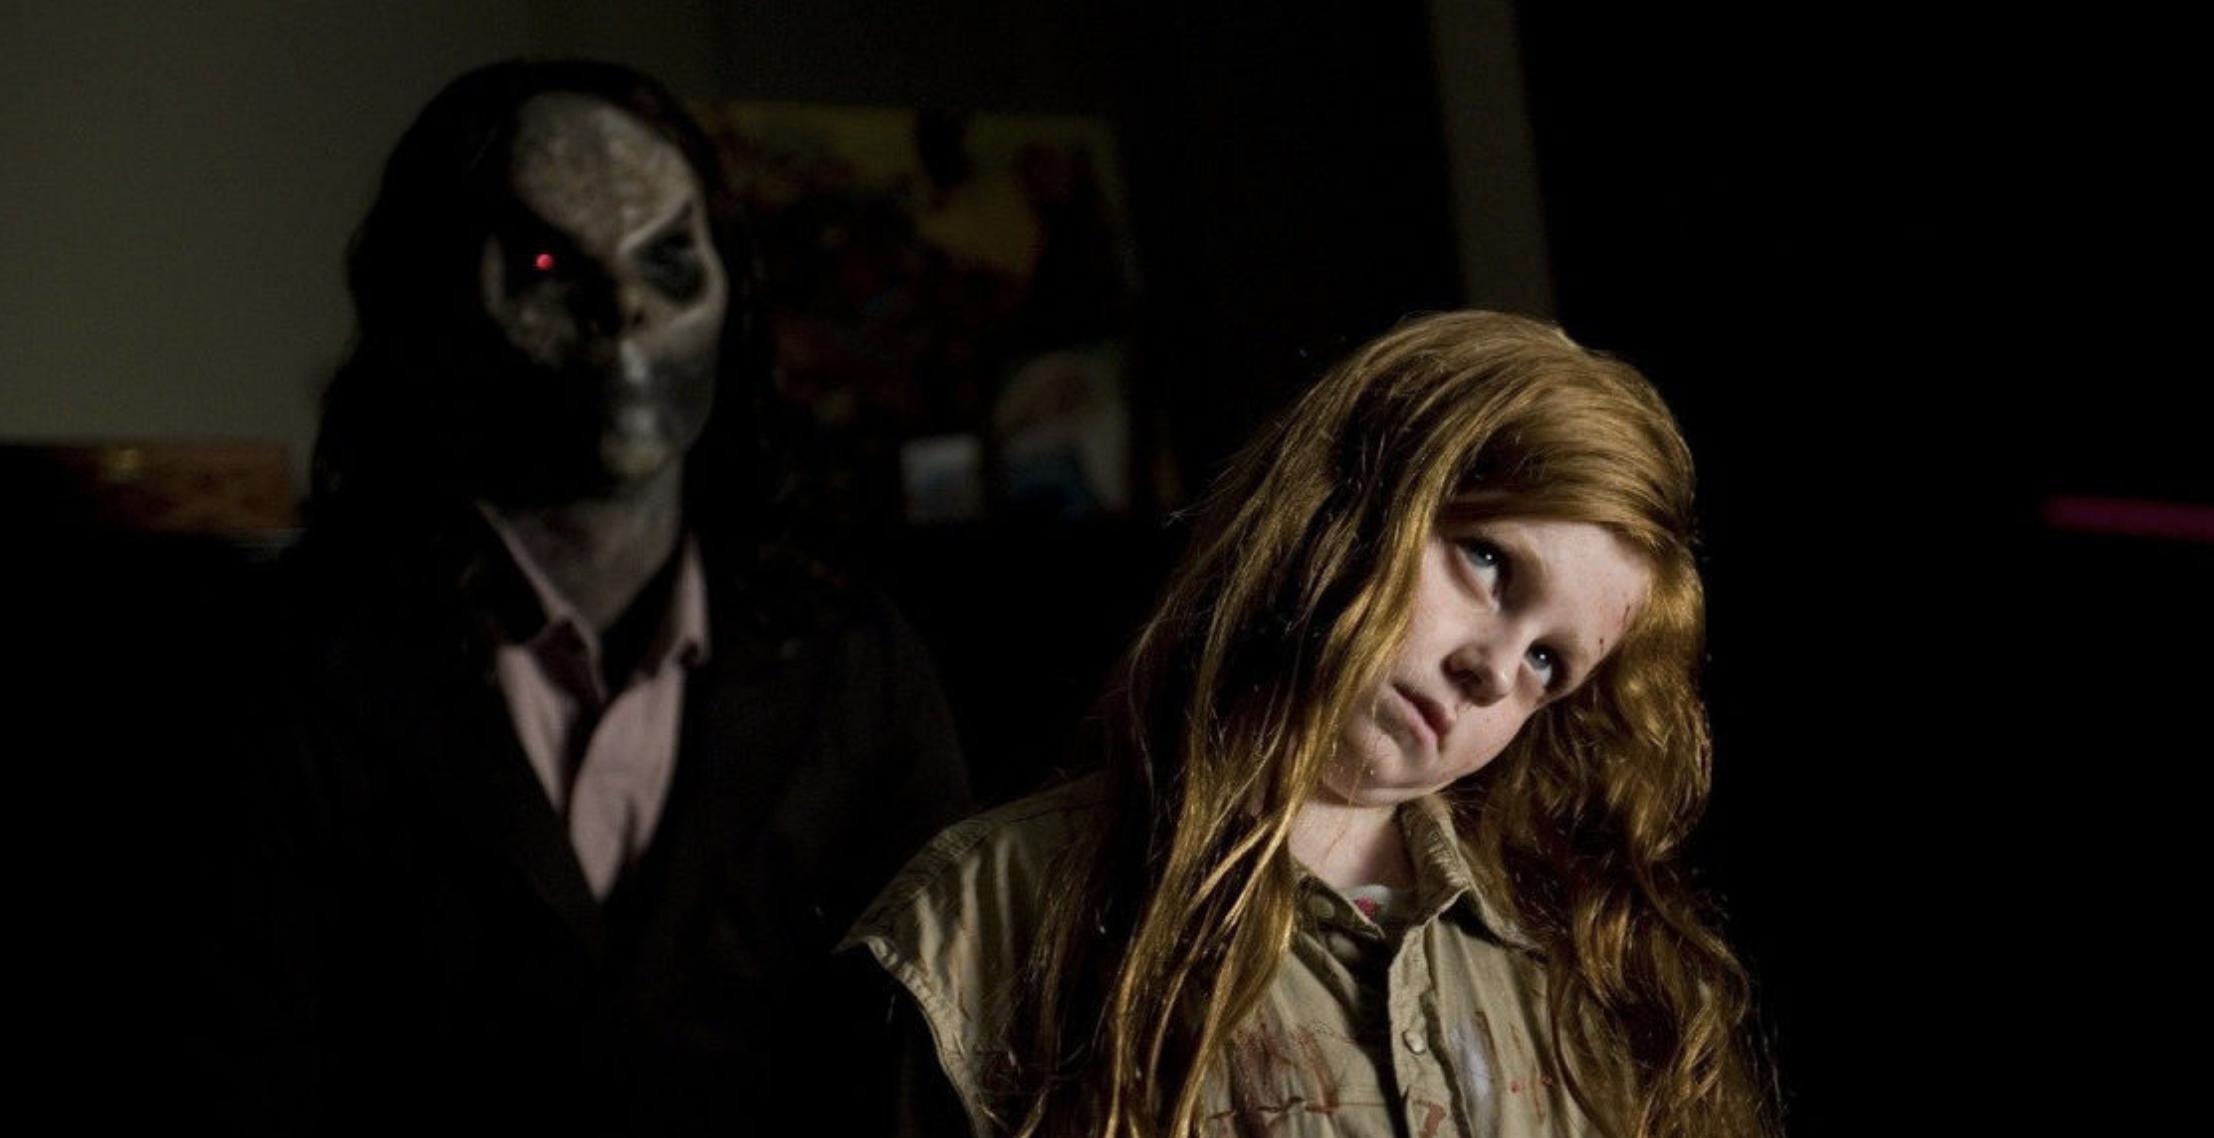 Voici le film d'horreur le plus flippant selon la science